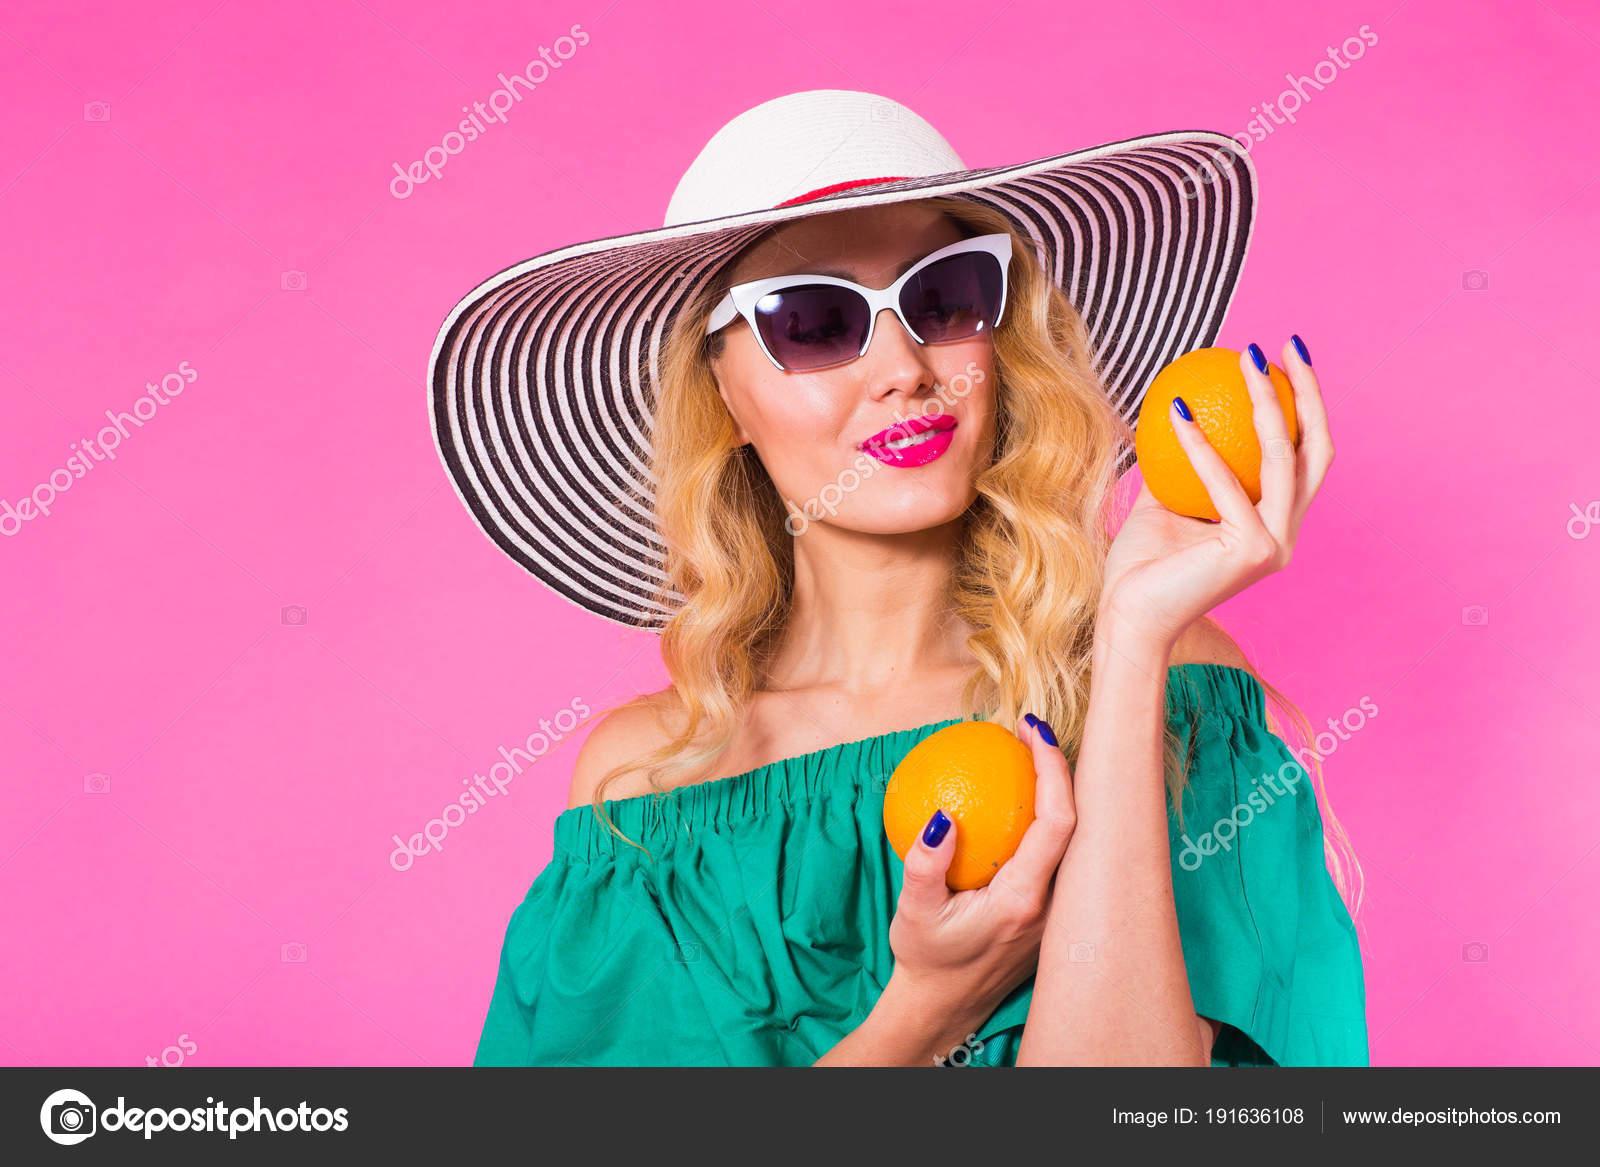 a115ae96b26ba Linda mulher elegante óculos escuros e chapéu com laranjas se divertindo  sobre fundo rosa. Verão